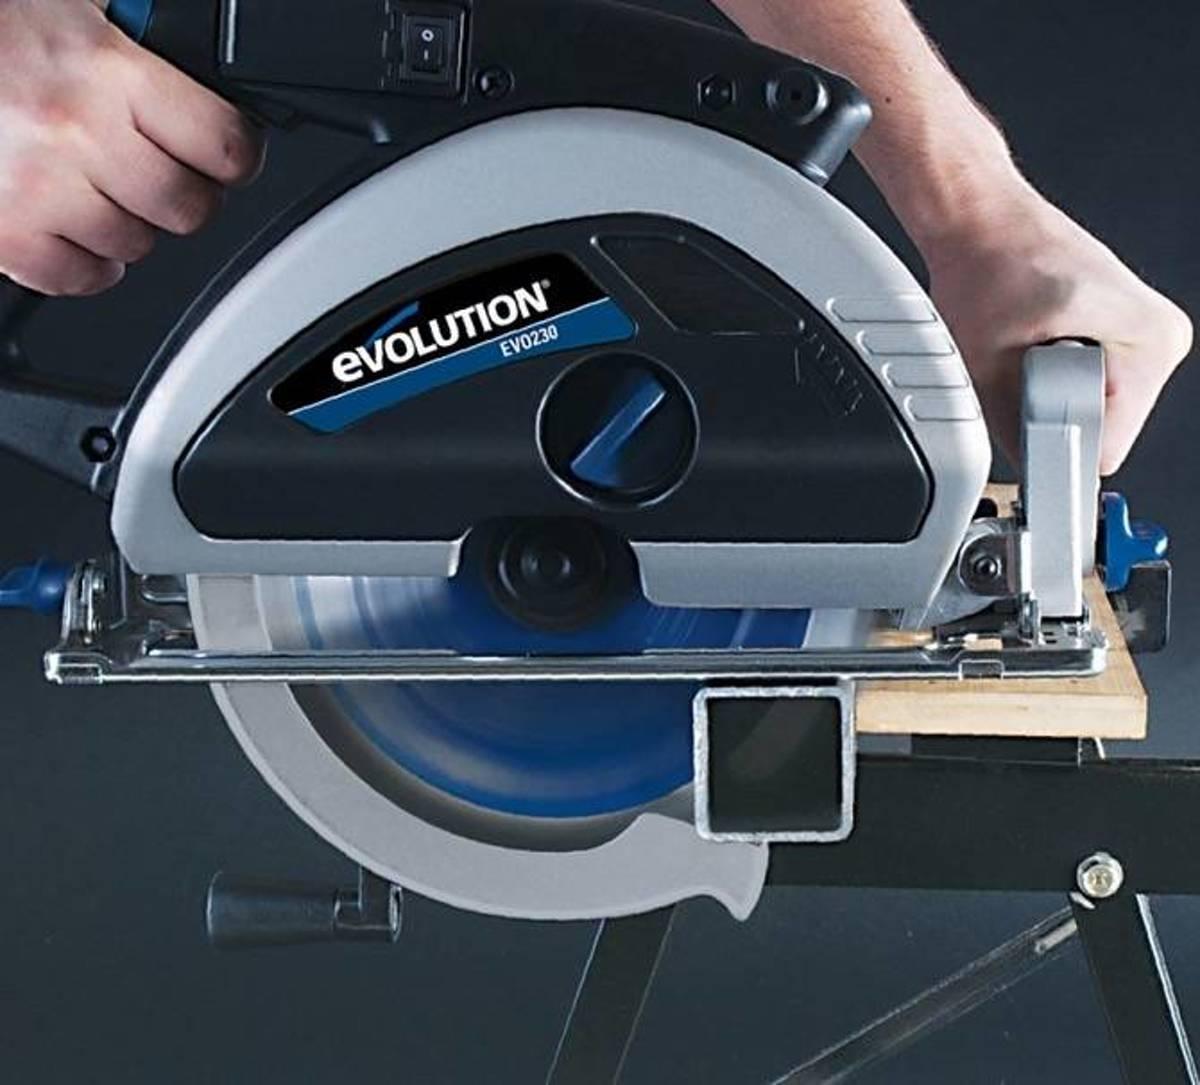 EVO 230-HDX 230V 230mm zaagblad